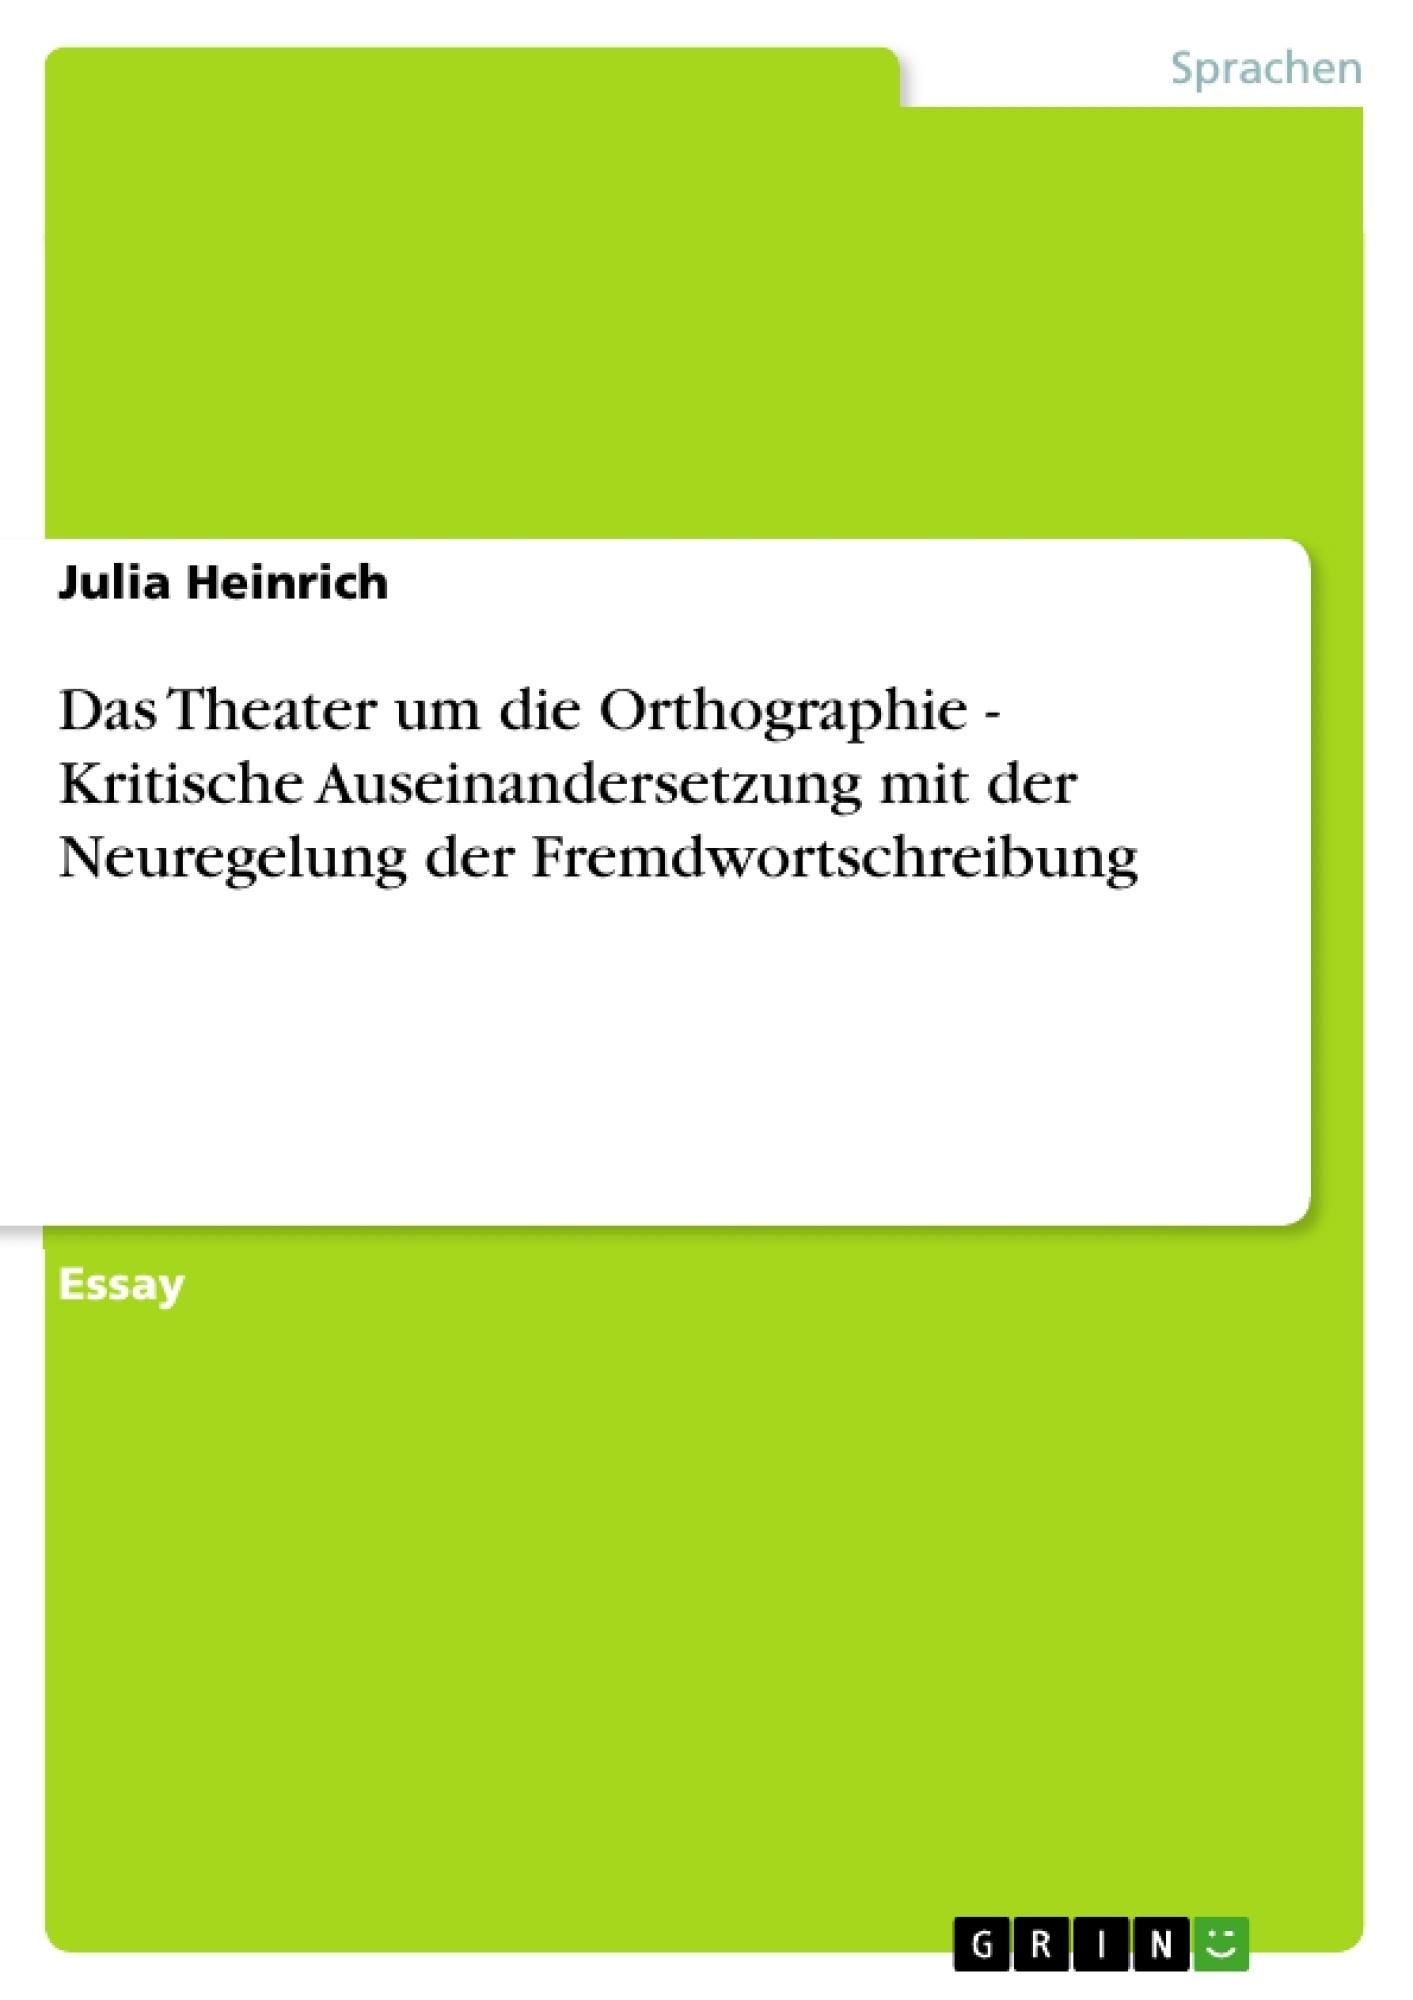 Titel: Das Theater um die Orthographie - Kritische Auseinandersetzung mit der Neuregelung der Fremdwortschreibung